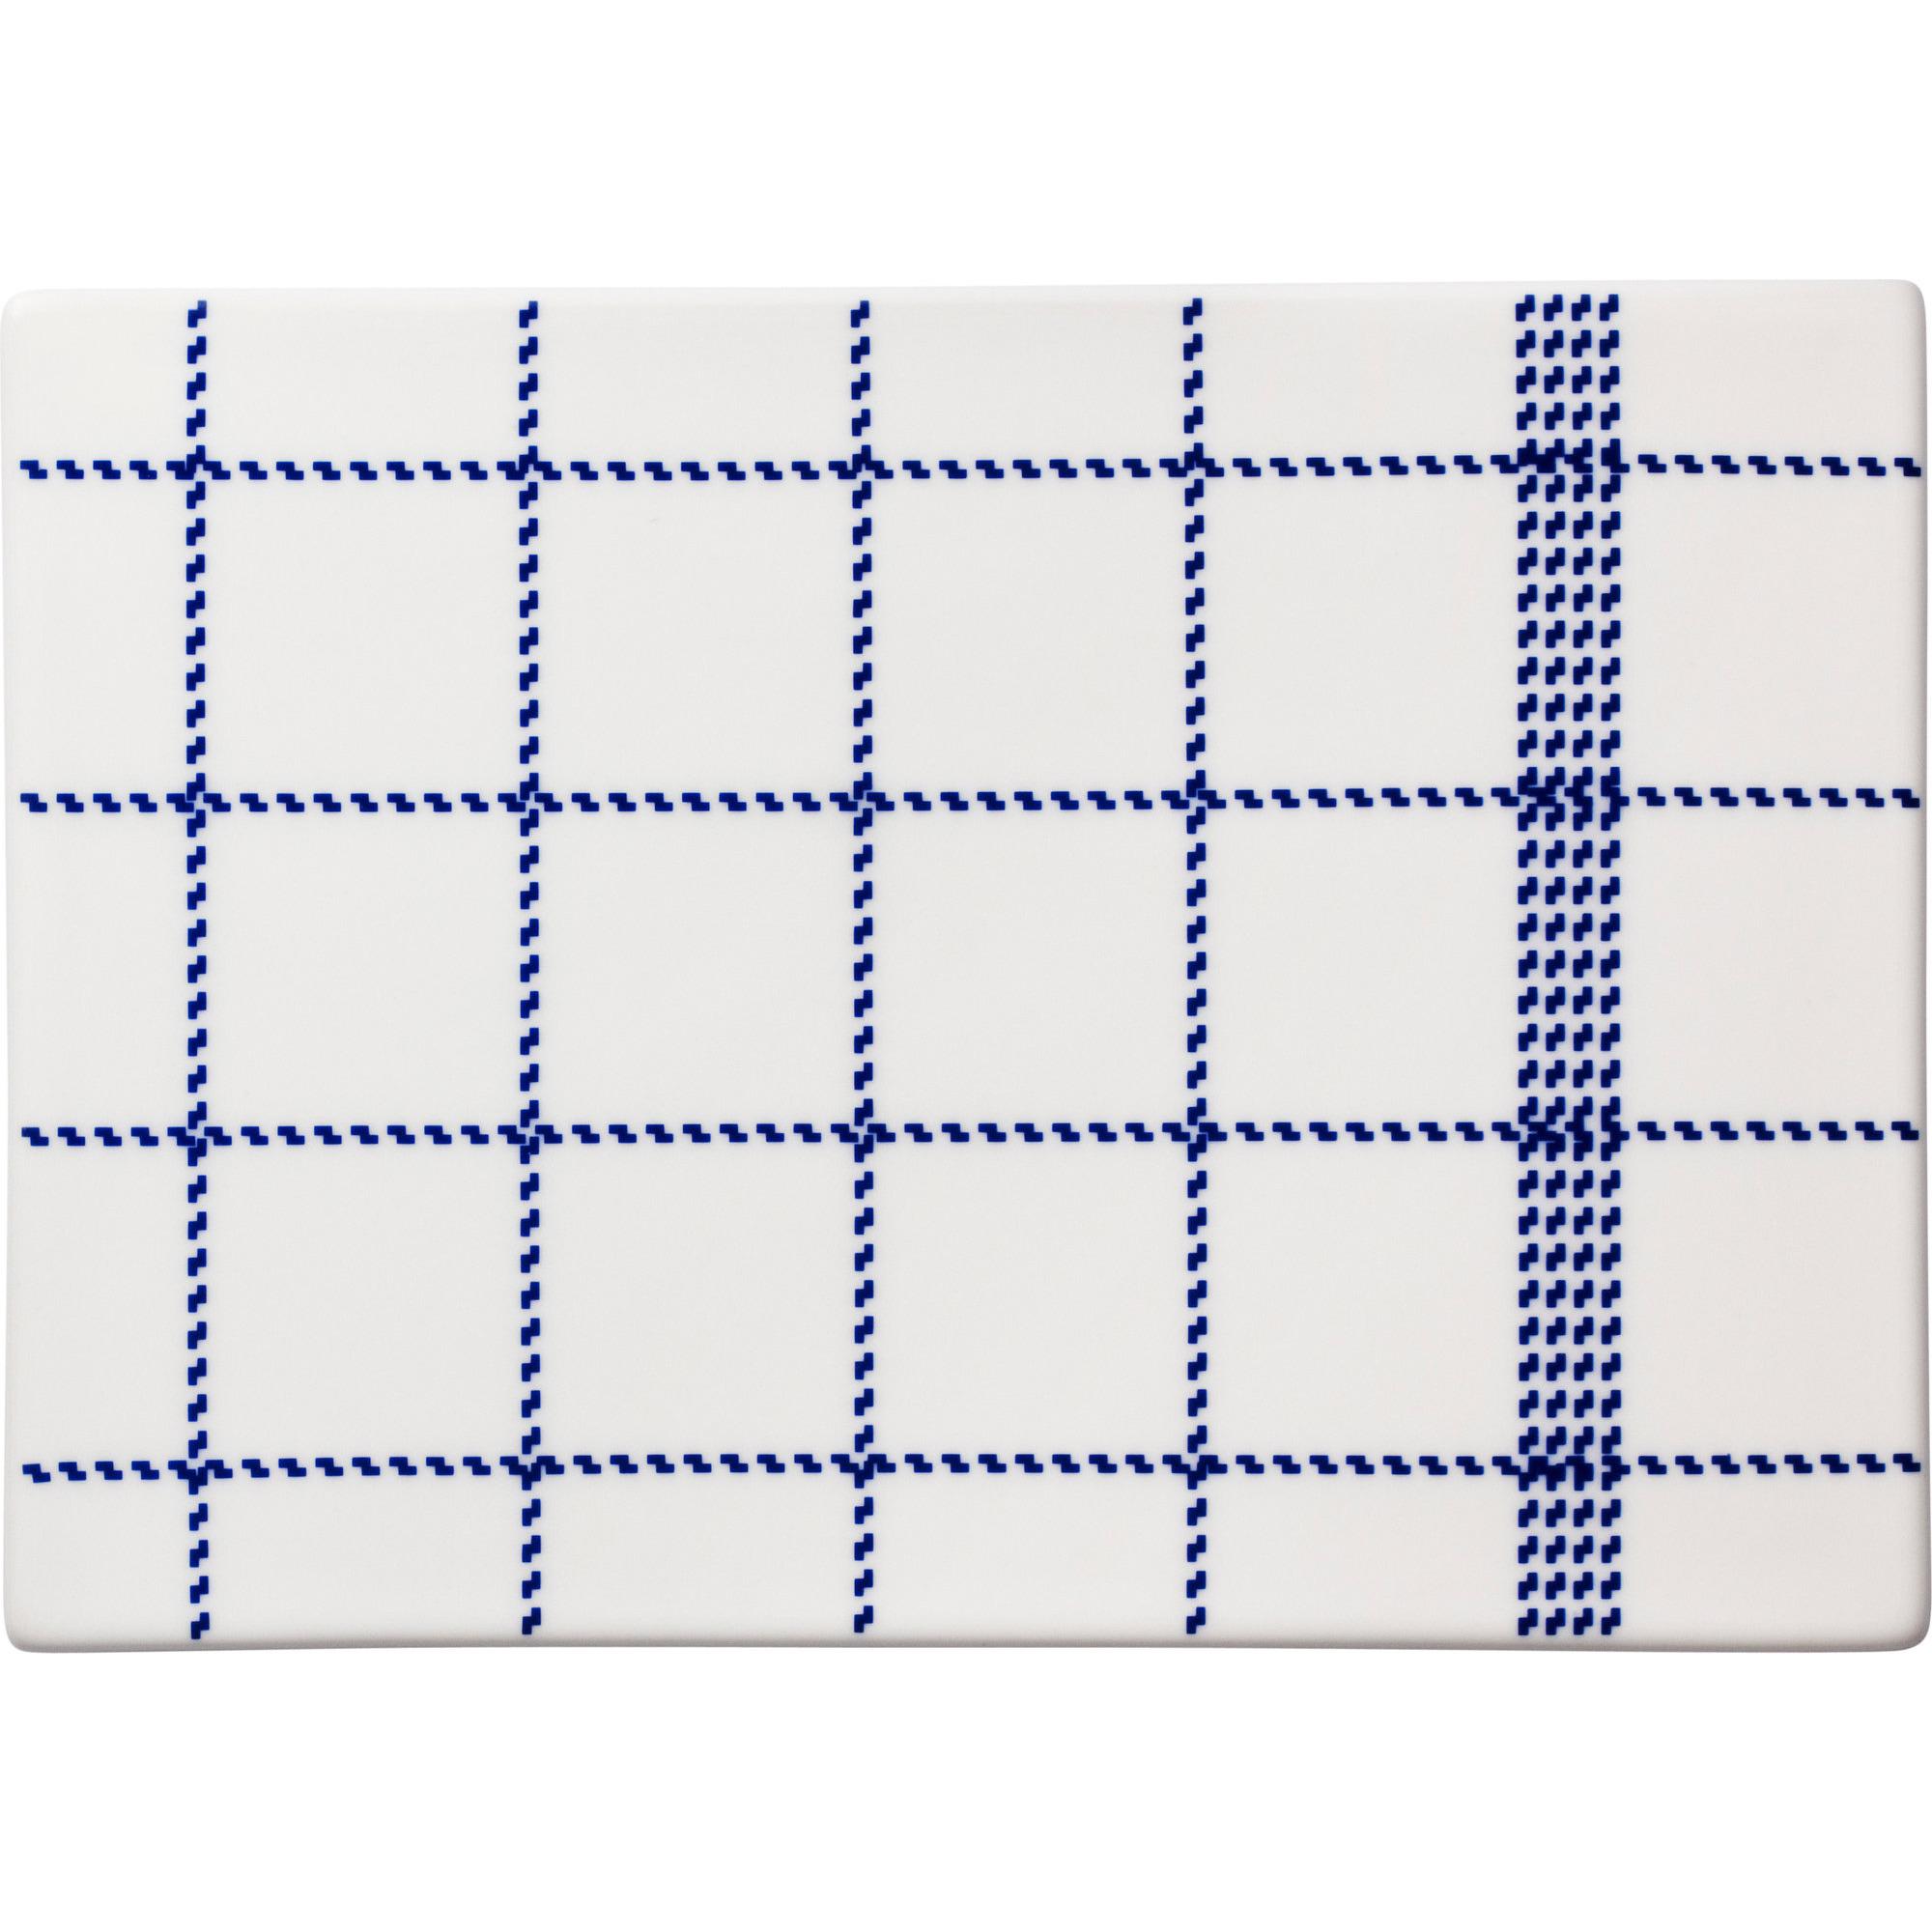 Normann Copenhagen Mormor Blue Buttering Board